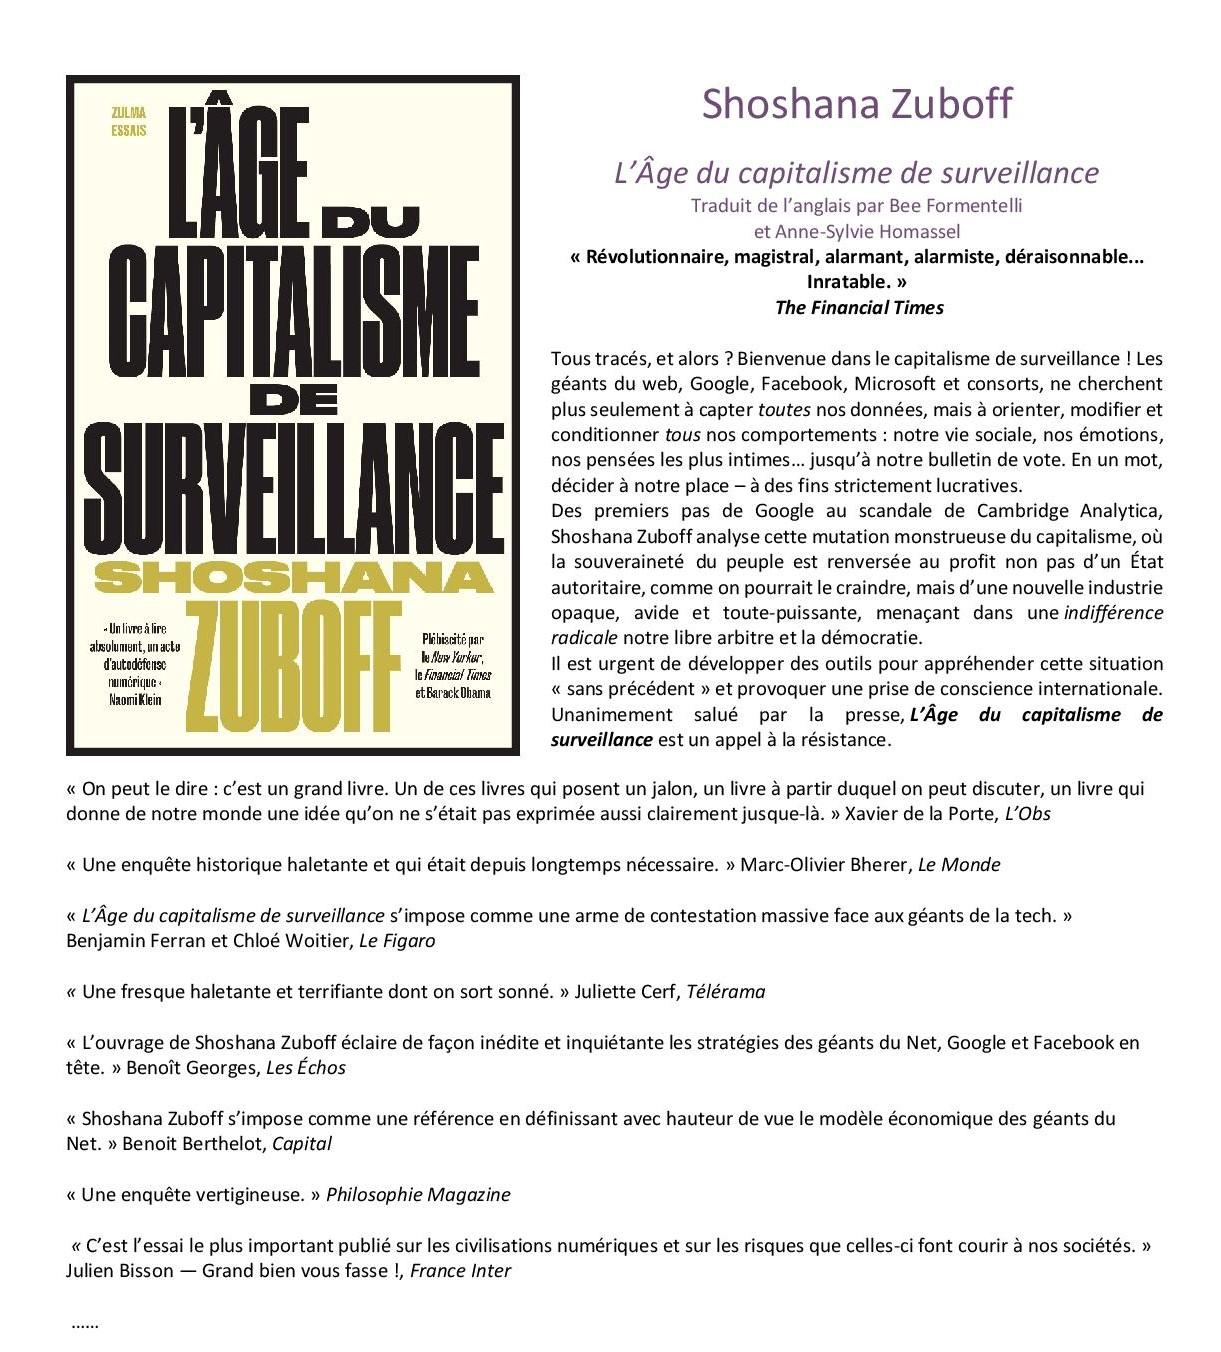 Shoshana Zuboff